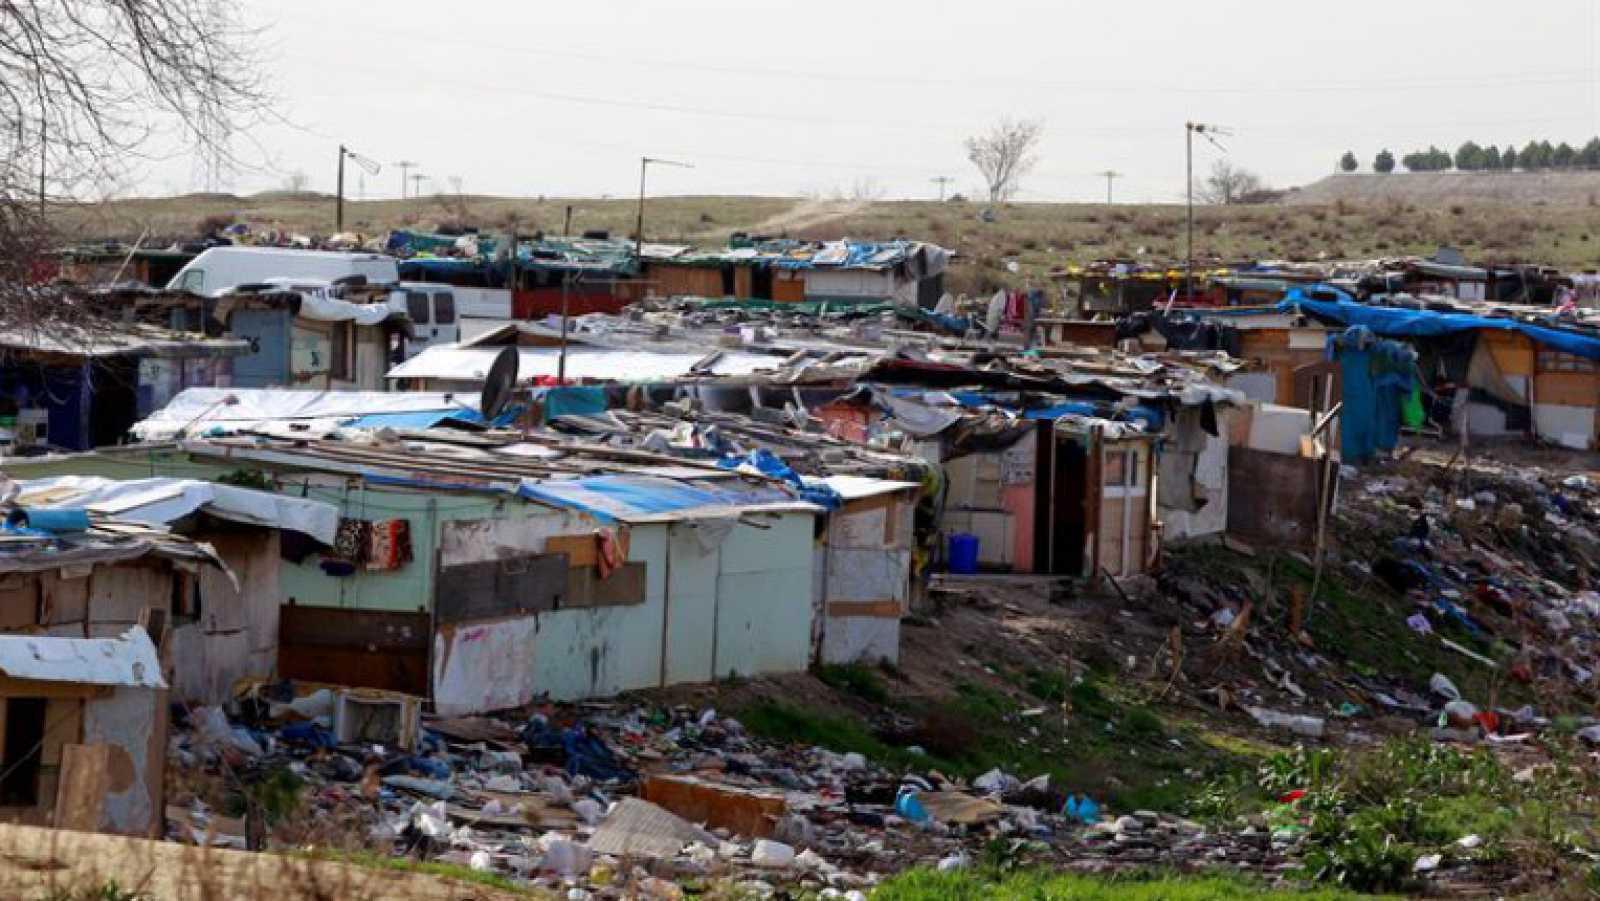 Punto de enlace - 'No tener casa mata', 2 millones de personas viven en infraviviendas - 23/10/20 - escuchar ahora